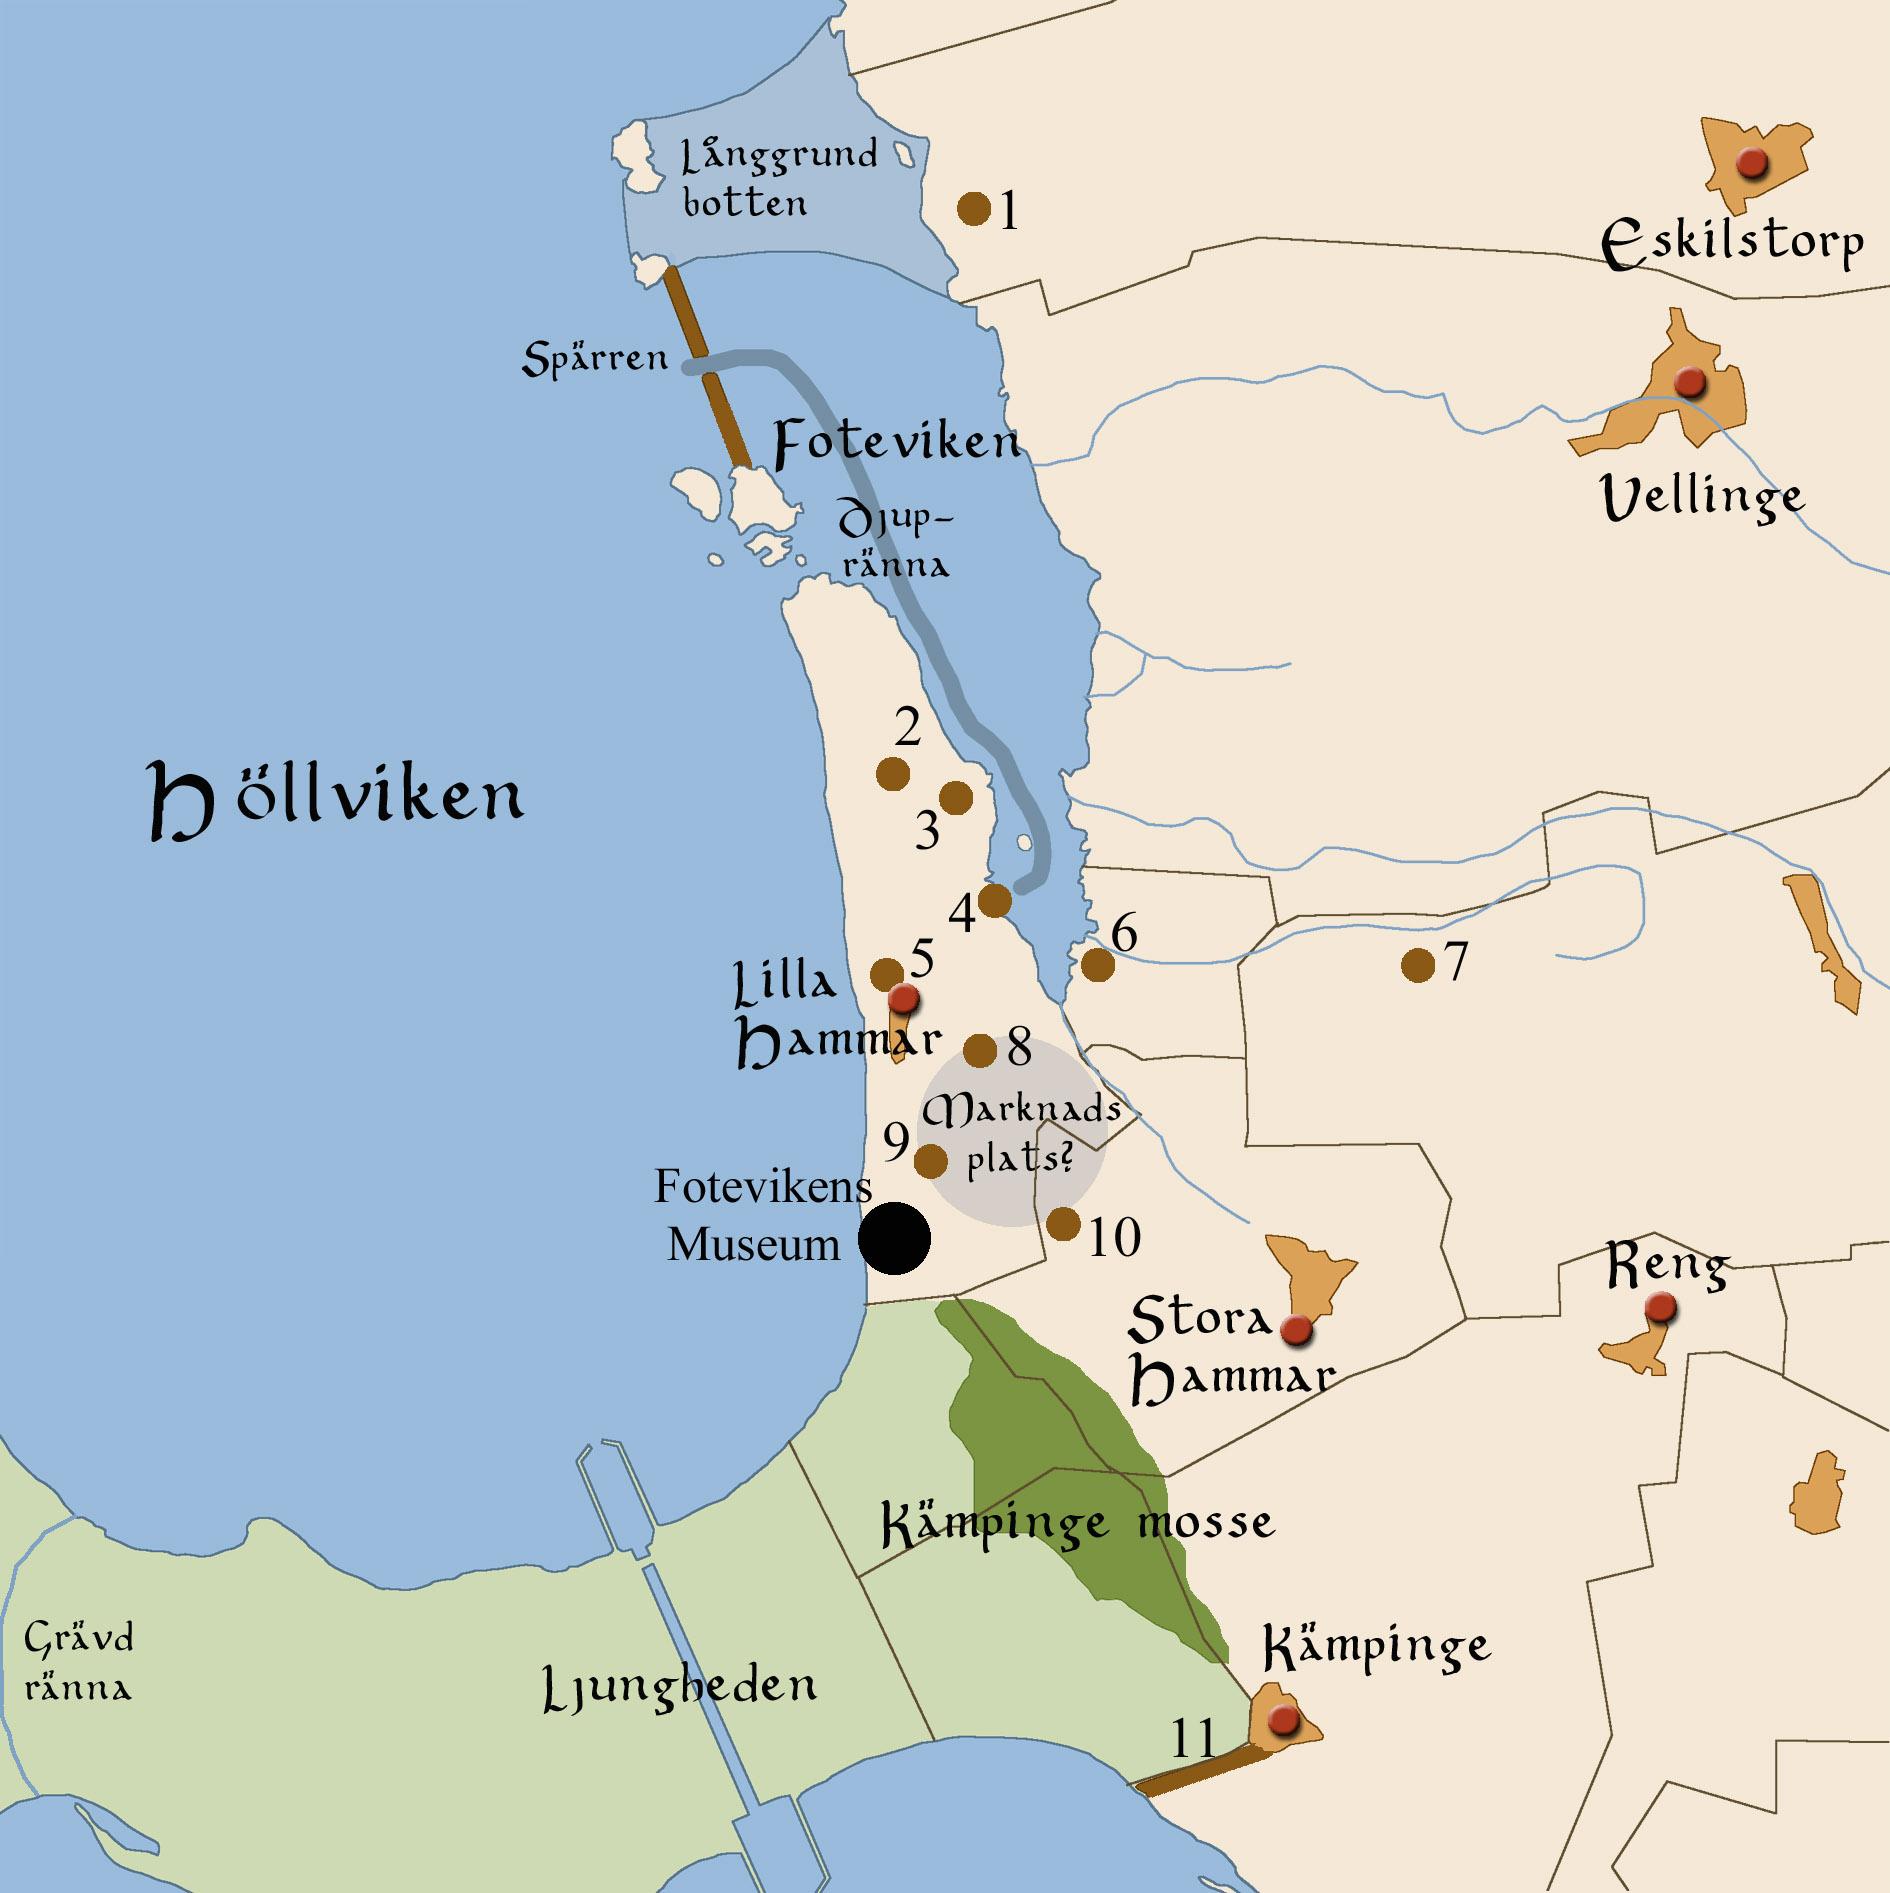 FileMap Of Foteviken In Scania Swedenjpg Wikimedia Commons - Sweden map jpg